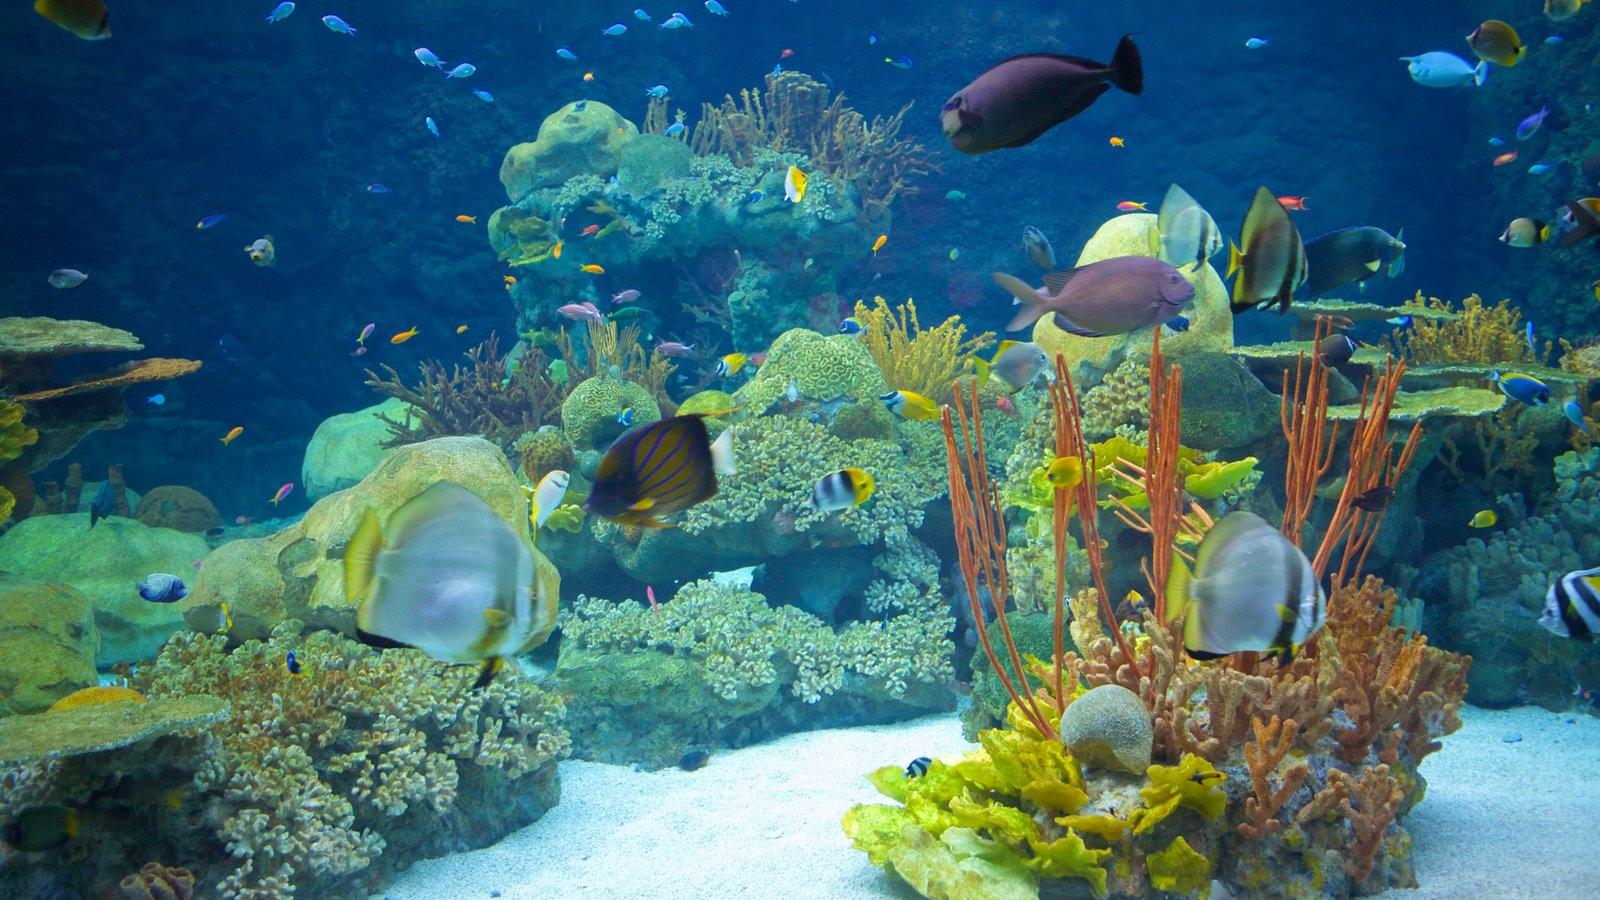 Zoo do Minnesota caracterizando vida marinha, recifes coloridos e animais de zoológico